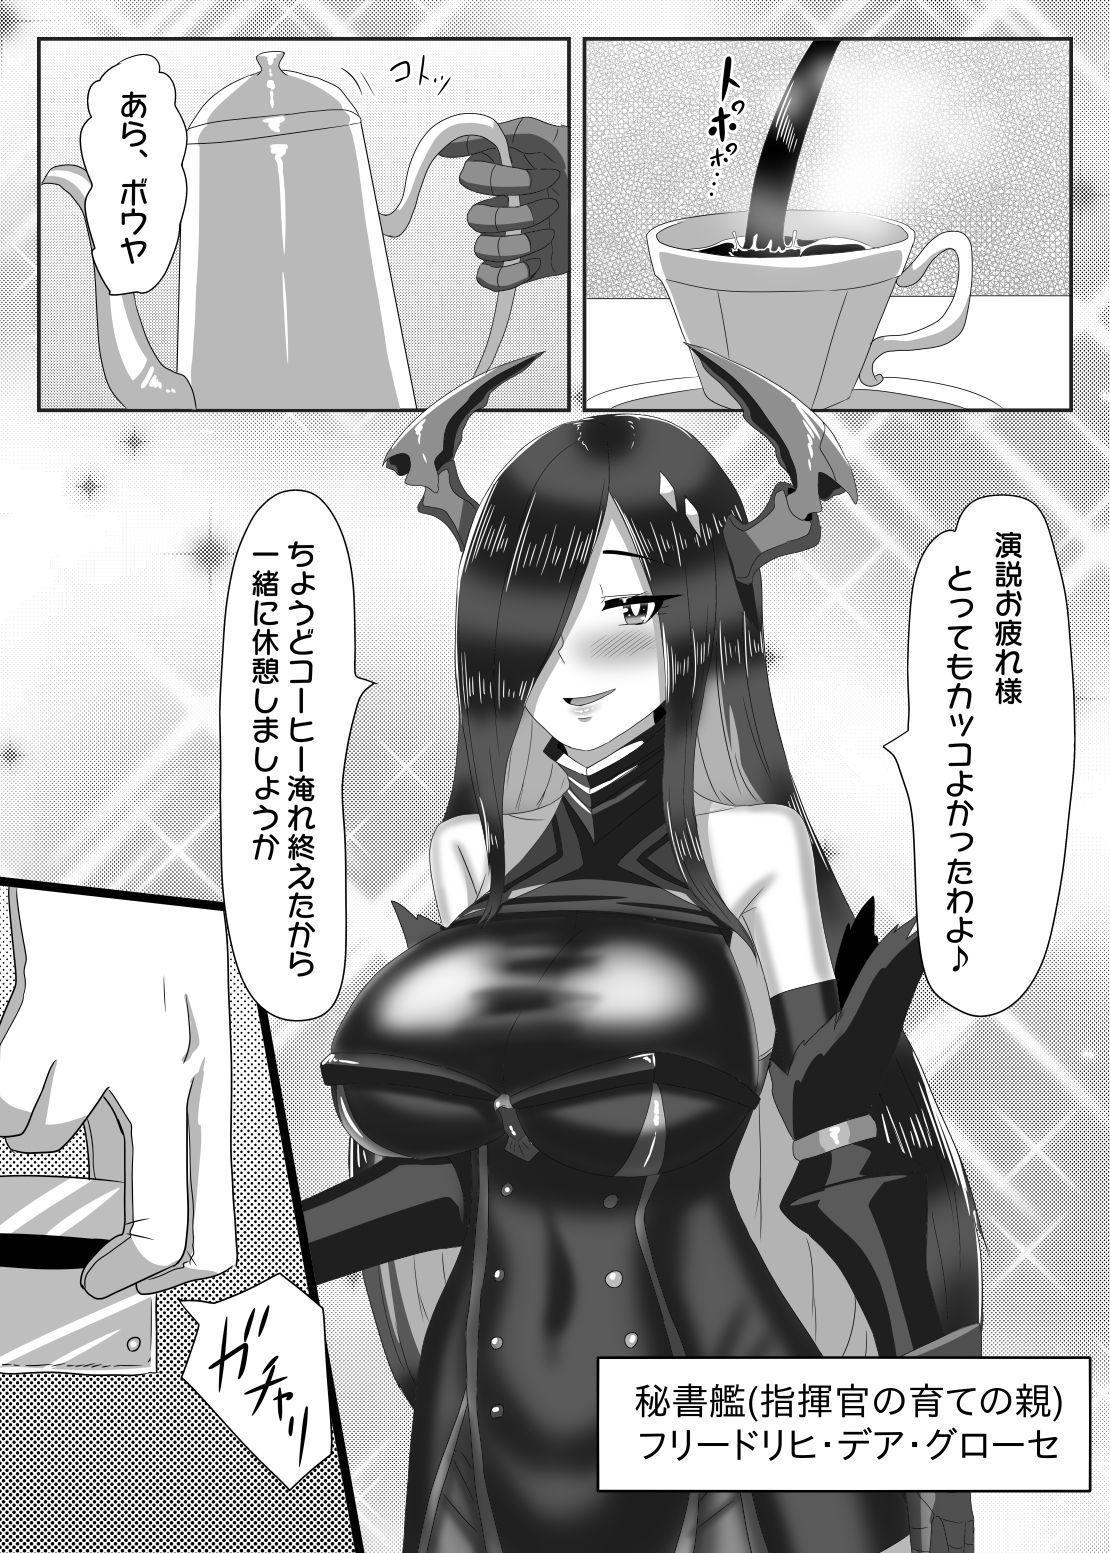 ふたなり艦隊と男の娘指揮官~フリードリ●はバブみが深い?~ 6